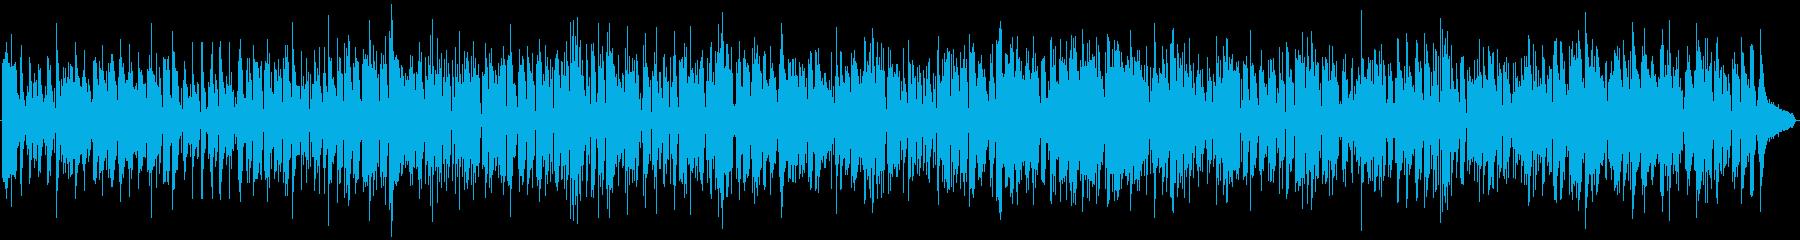 軽快で爽やかなボサノバの再生済みの波形